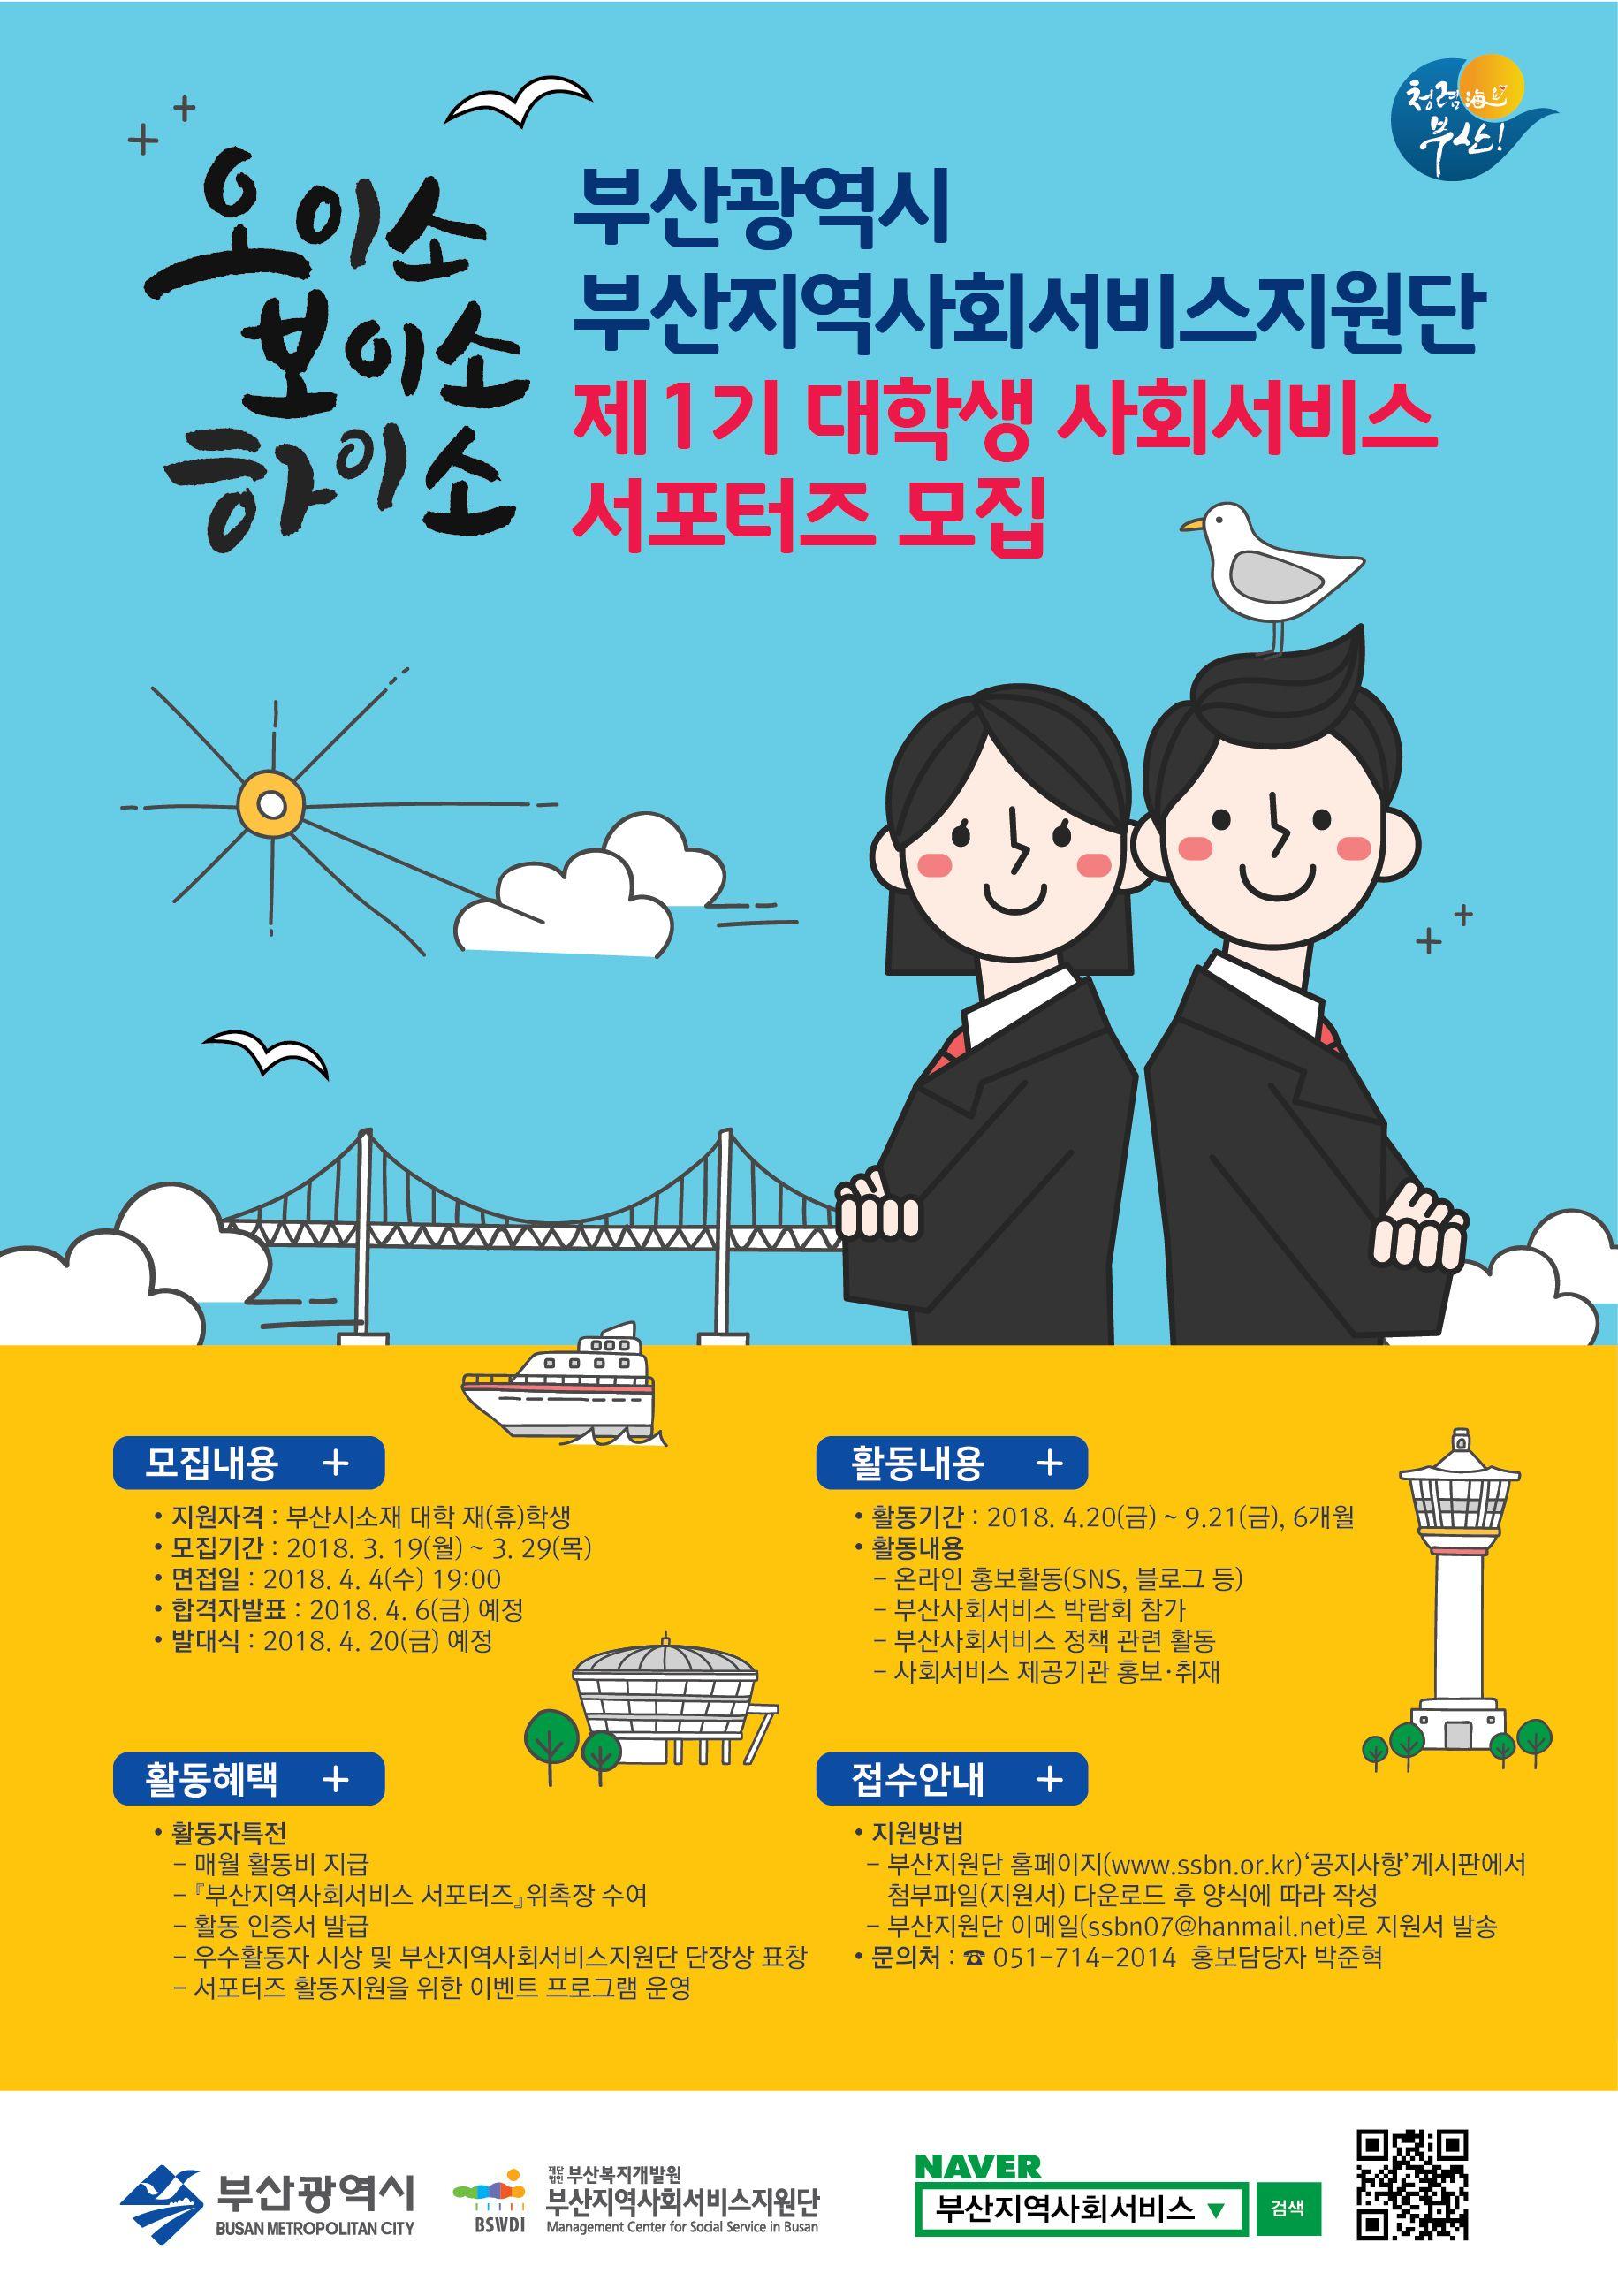 [부산지역사회서비스지원단] 부산사회서비스 서포터즈 모집